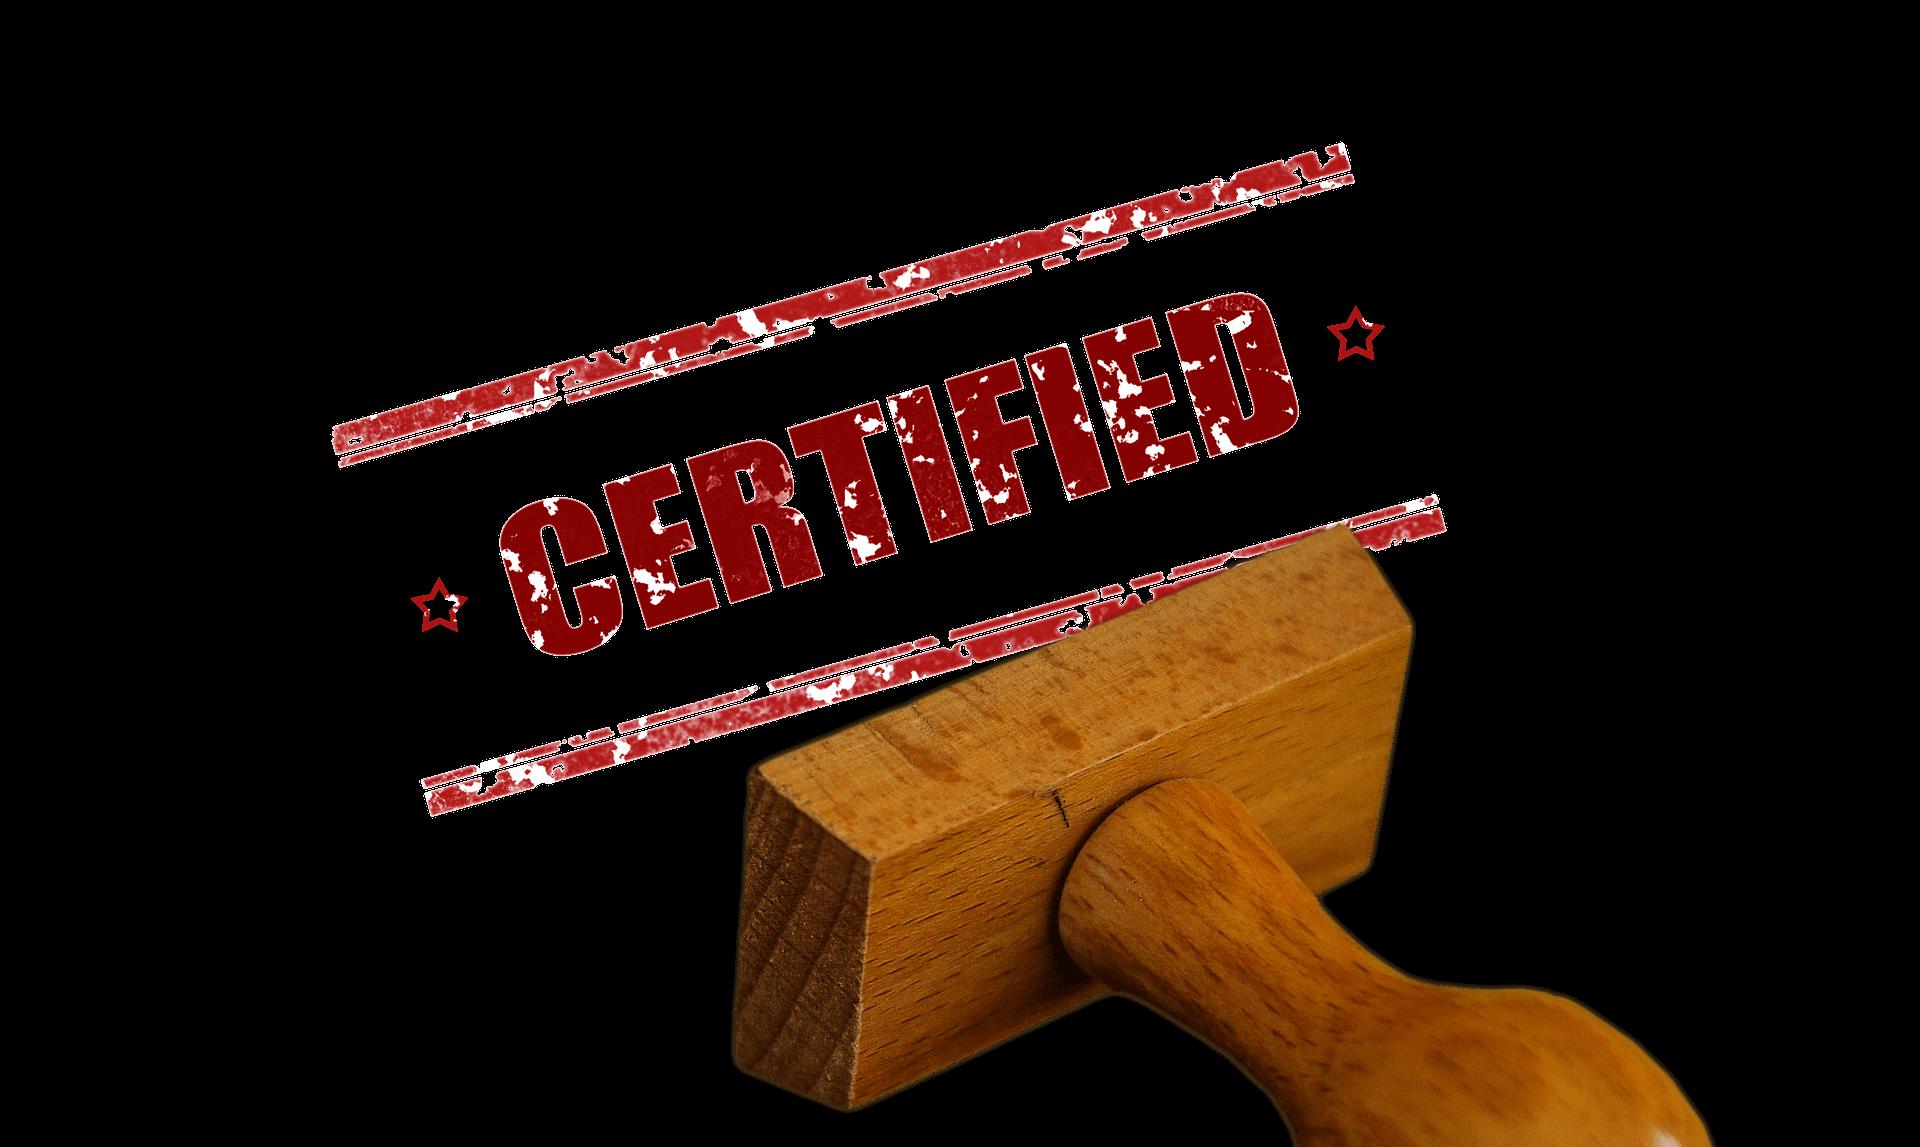 Certified-Stamp_rand_W5TeljKxM6